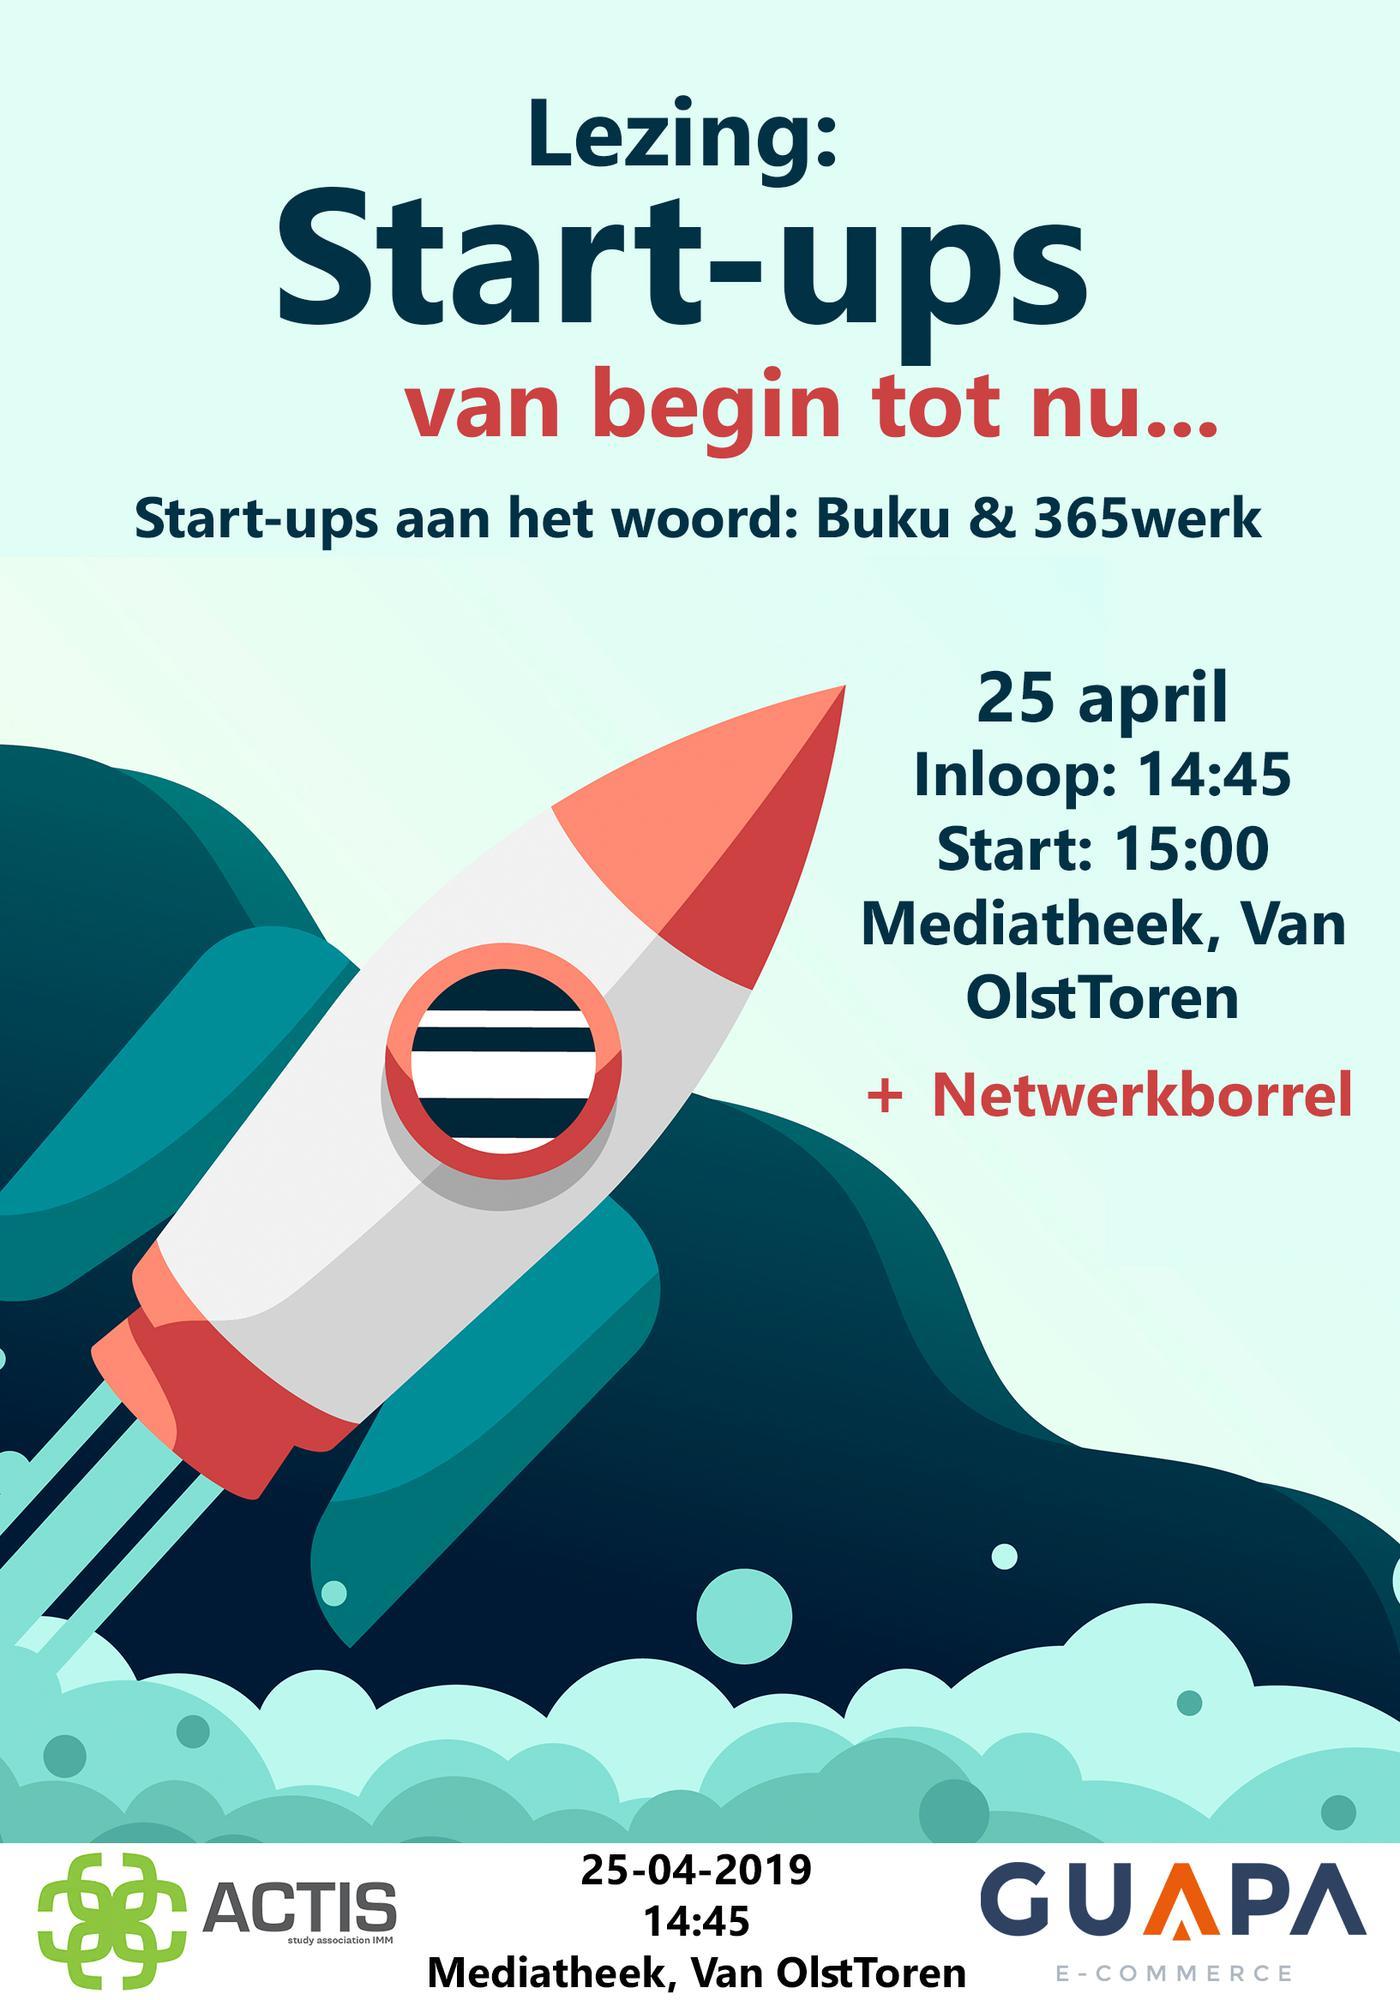 Lecture: Start-ups van begin tot nu